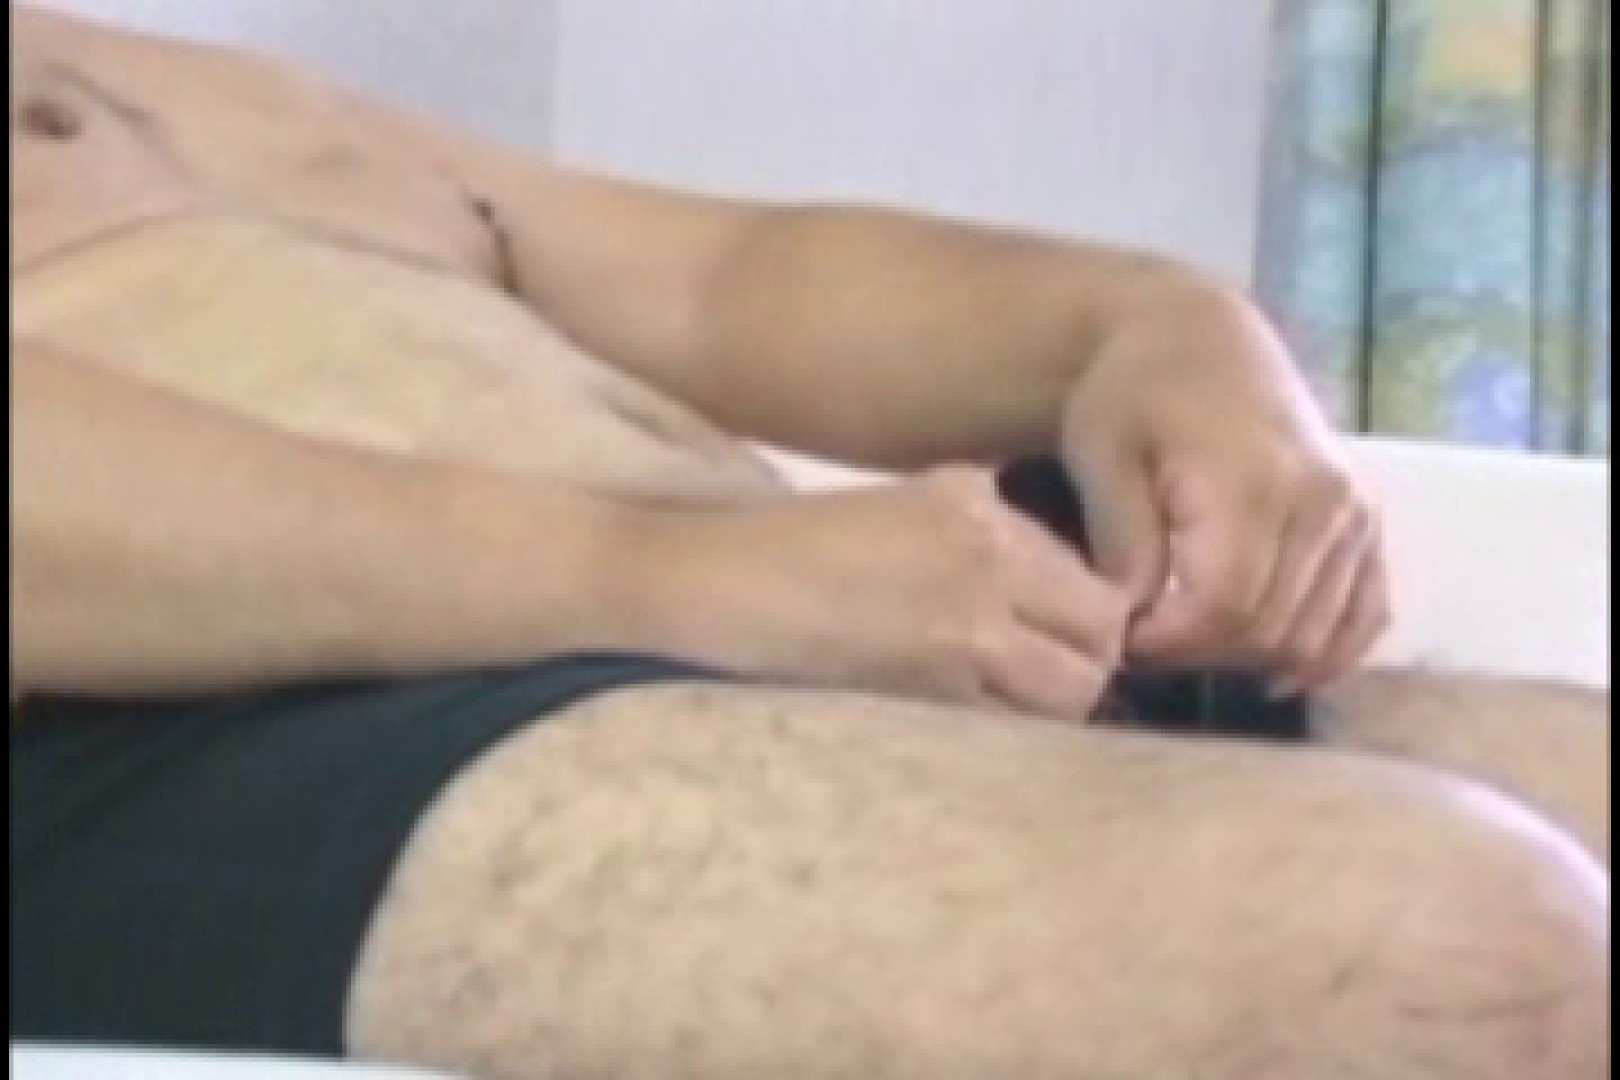 性欲に満ちたデカてぃむぽのホモ旦那 フェラ 男同士動画 96枚 5